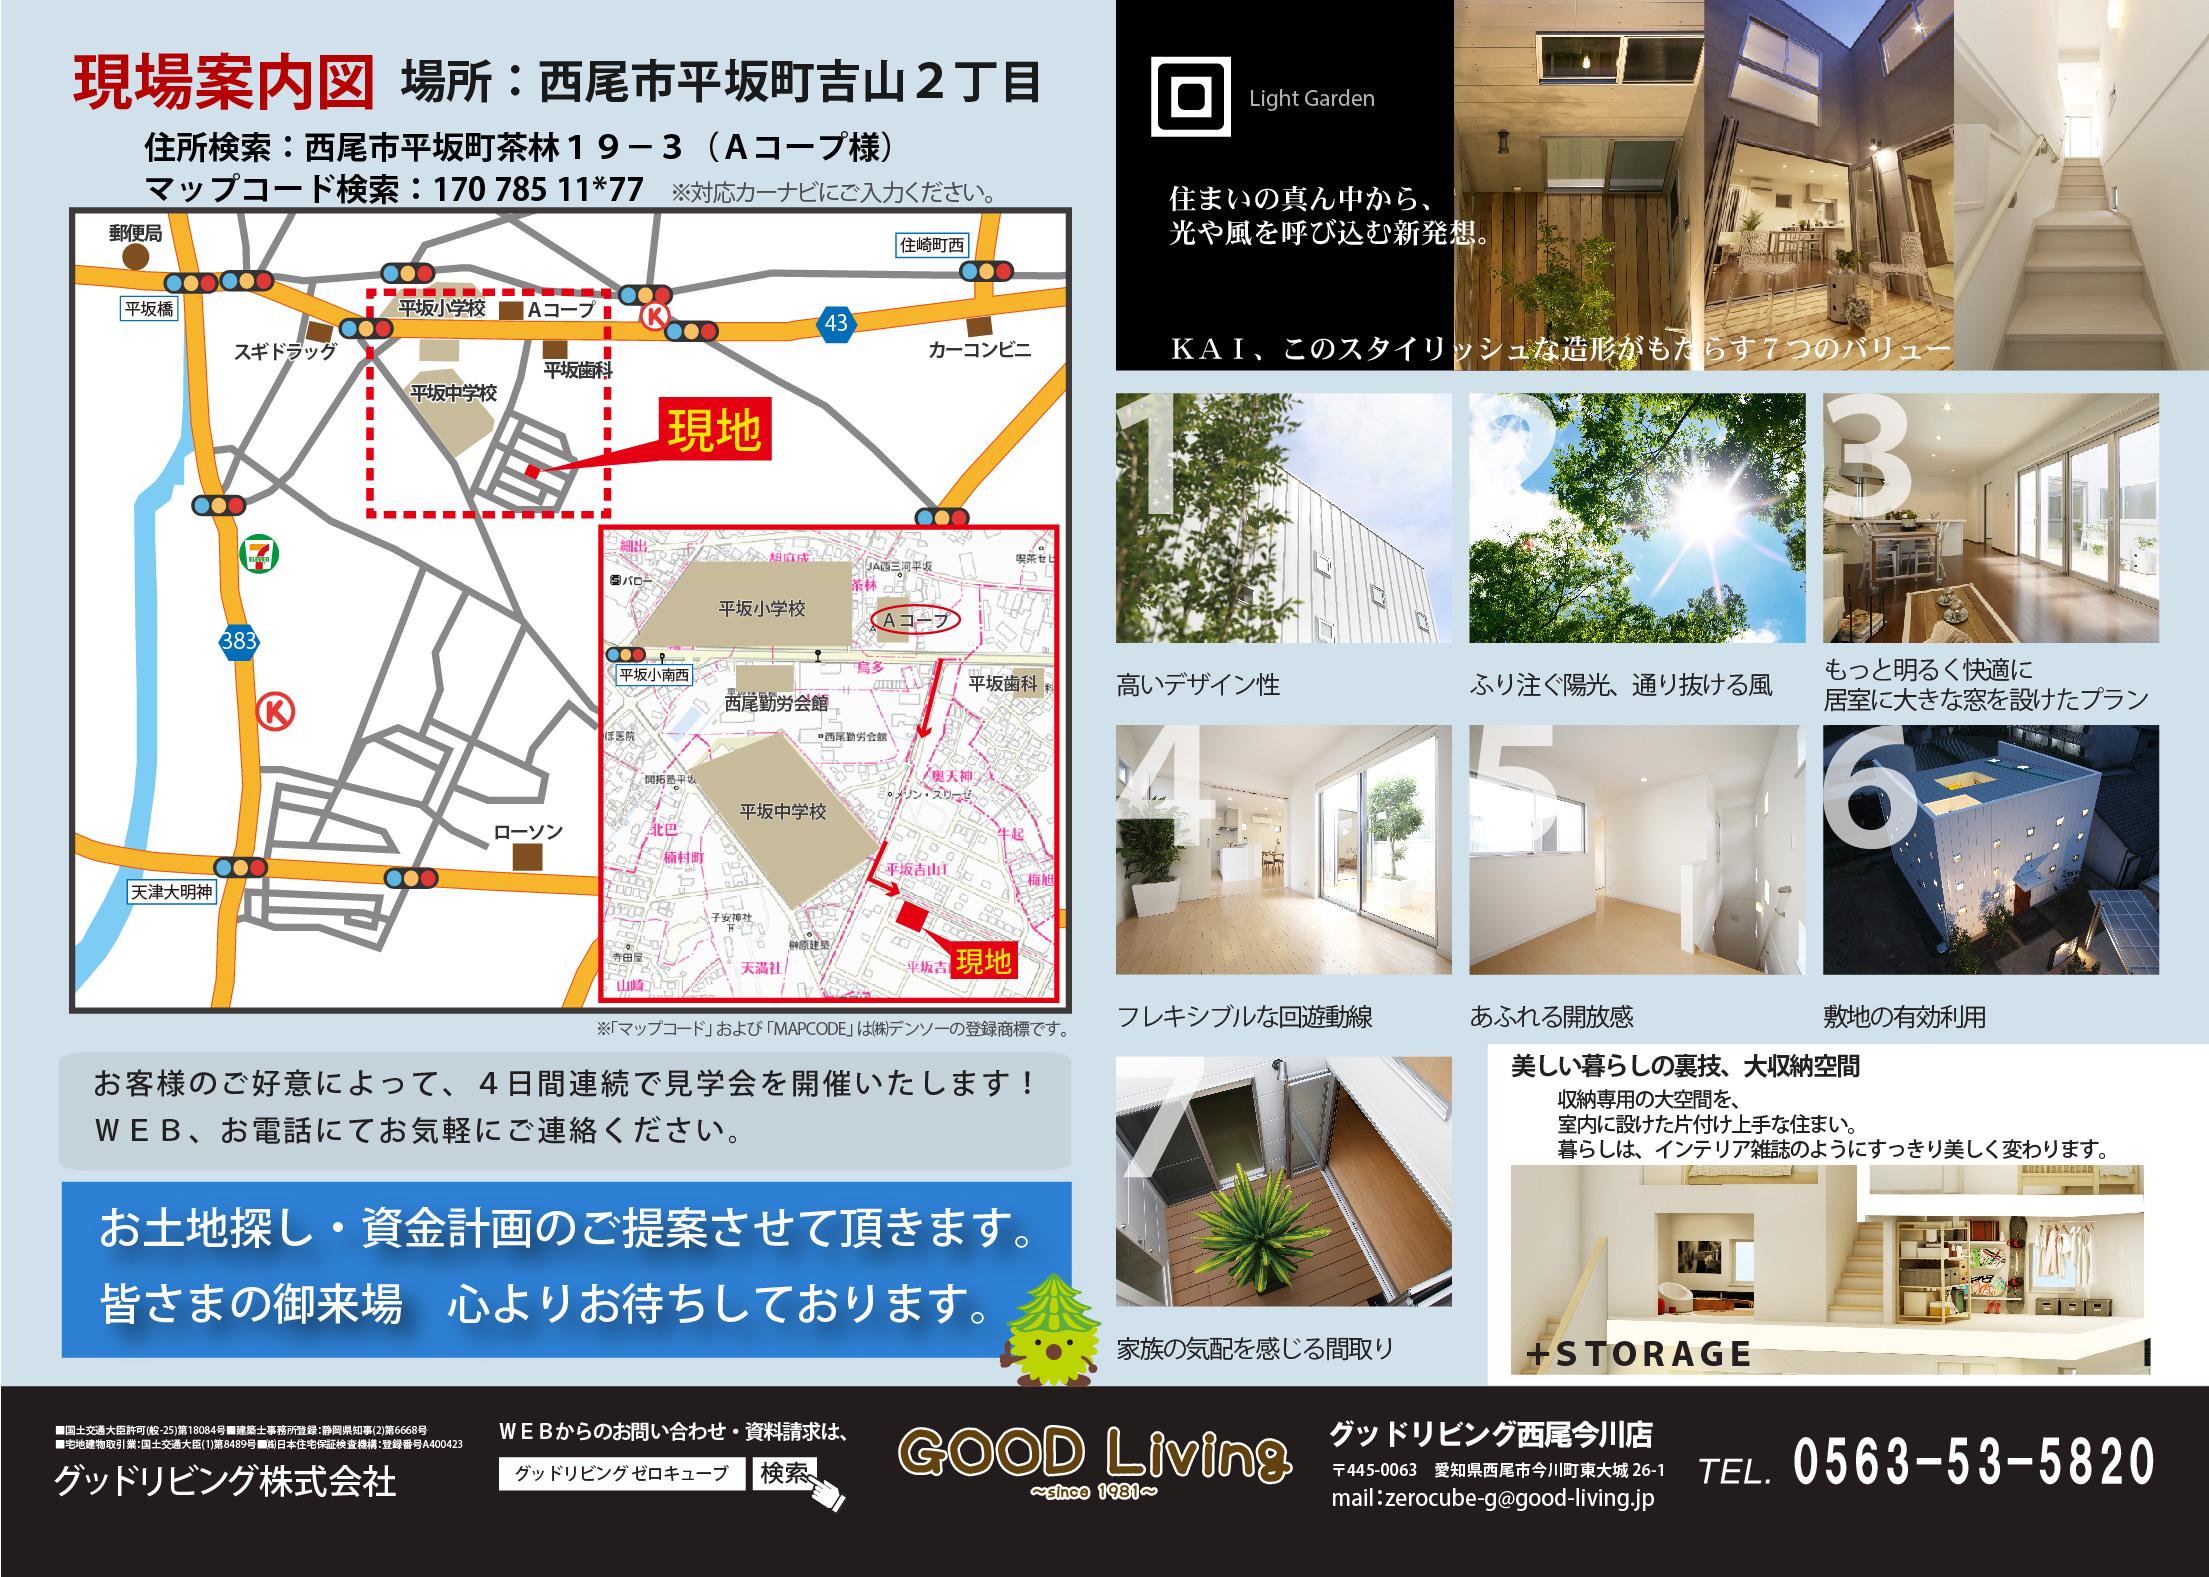 151023_西尾市平坂町完成見学会-02.jpg